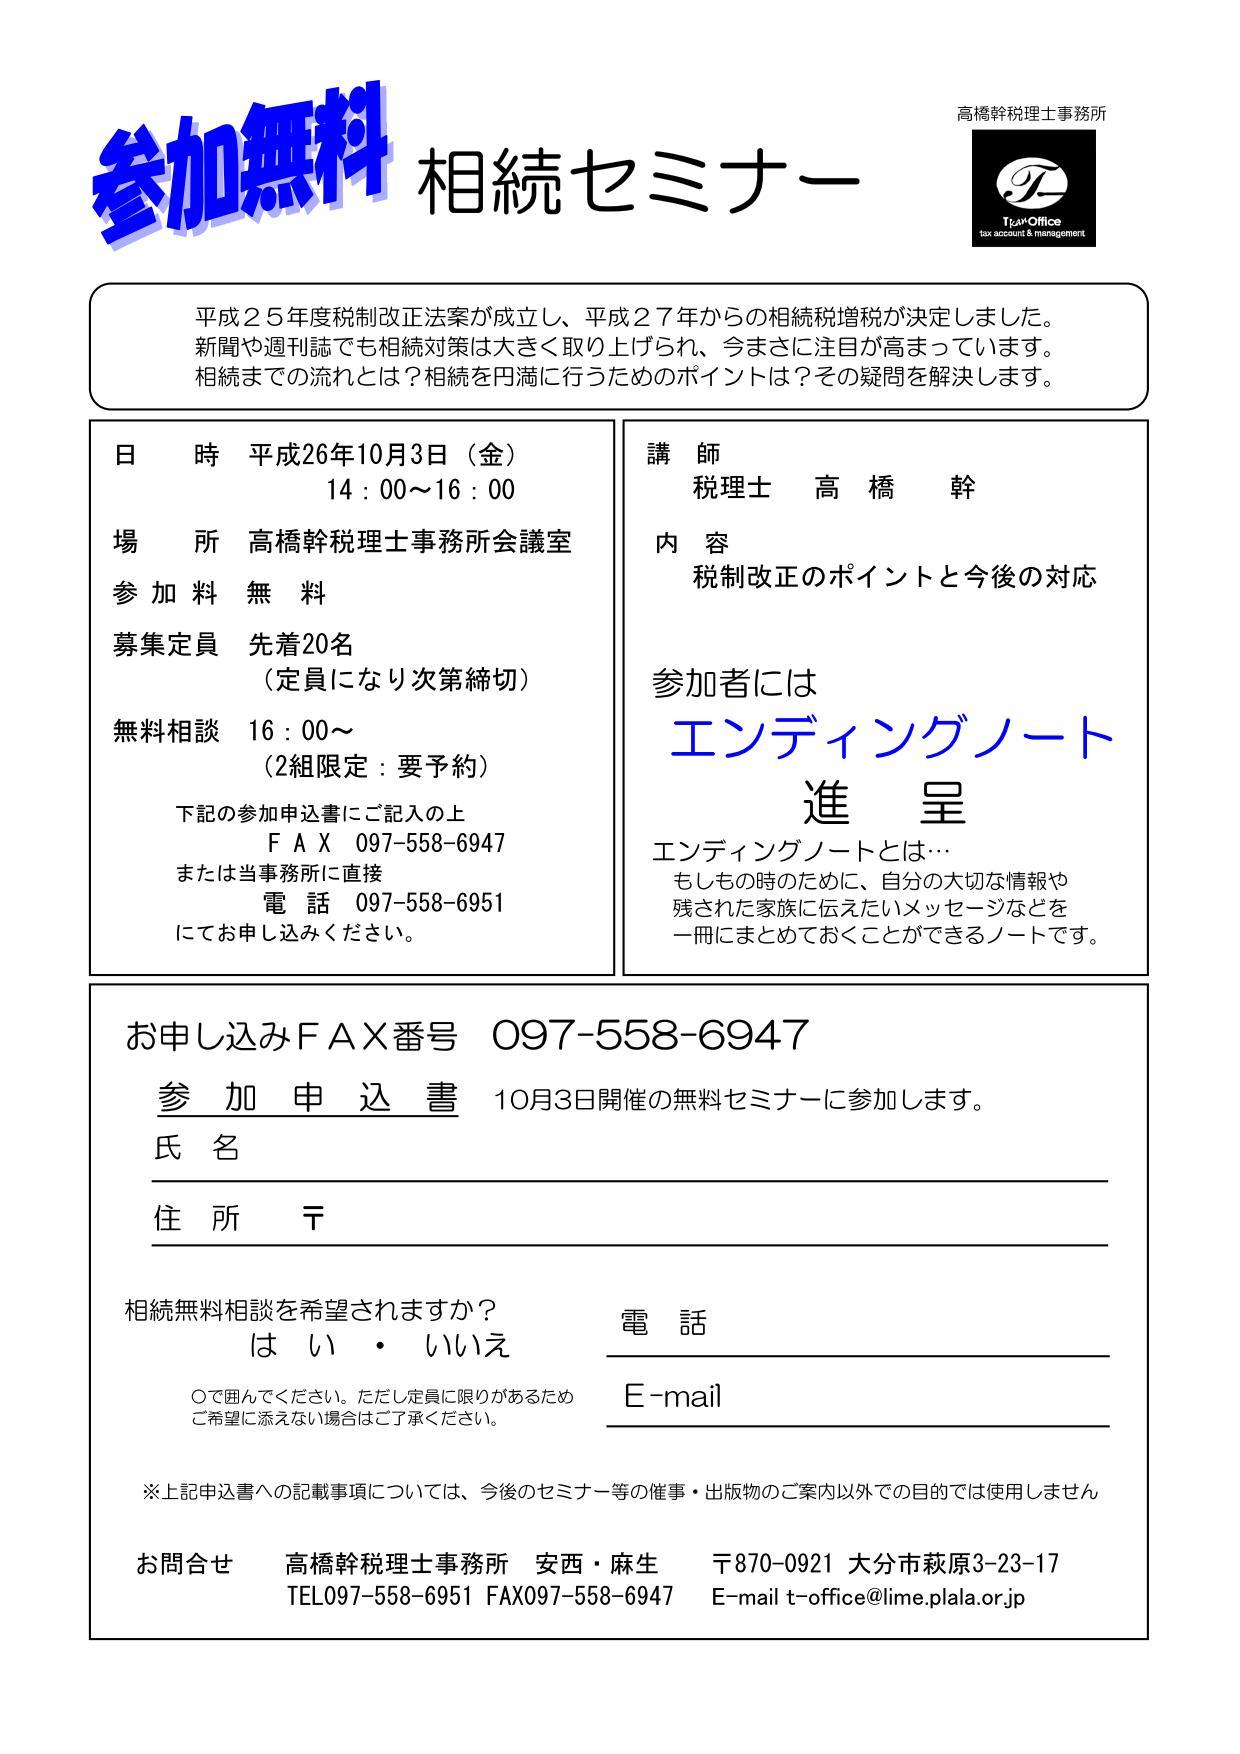 NLH26.09 チラシ_01.jpg